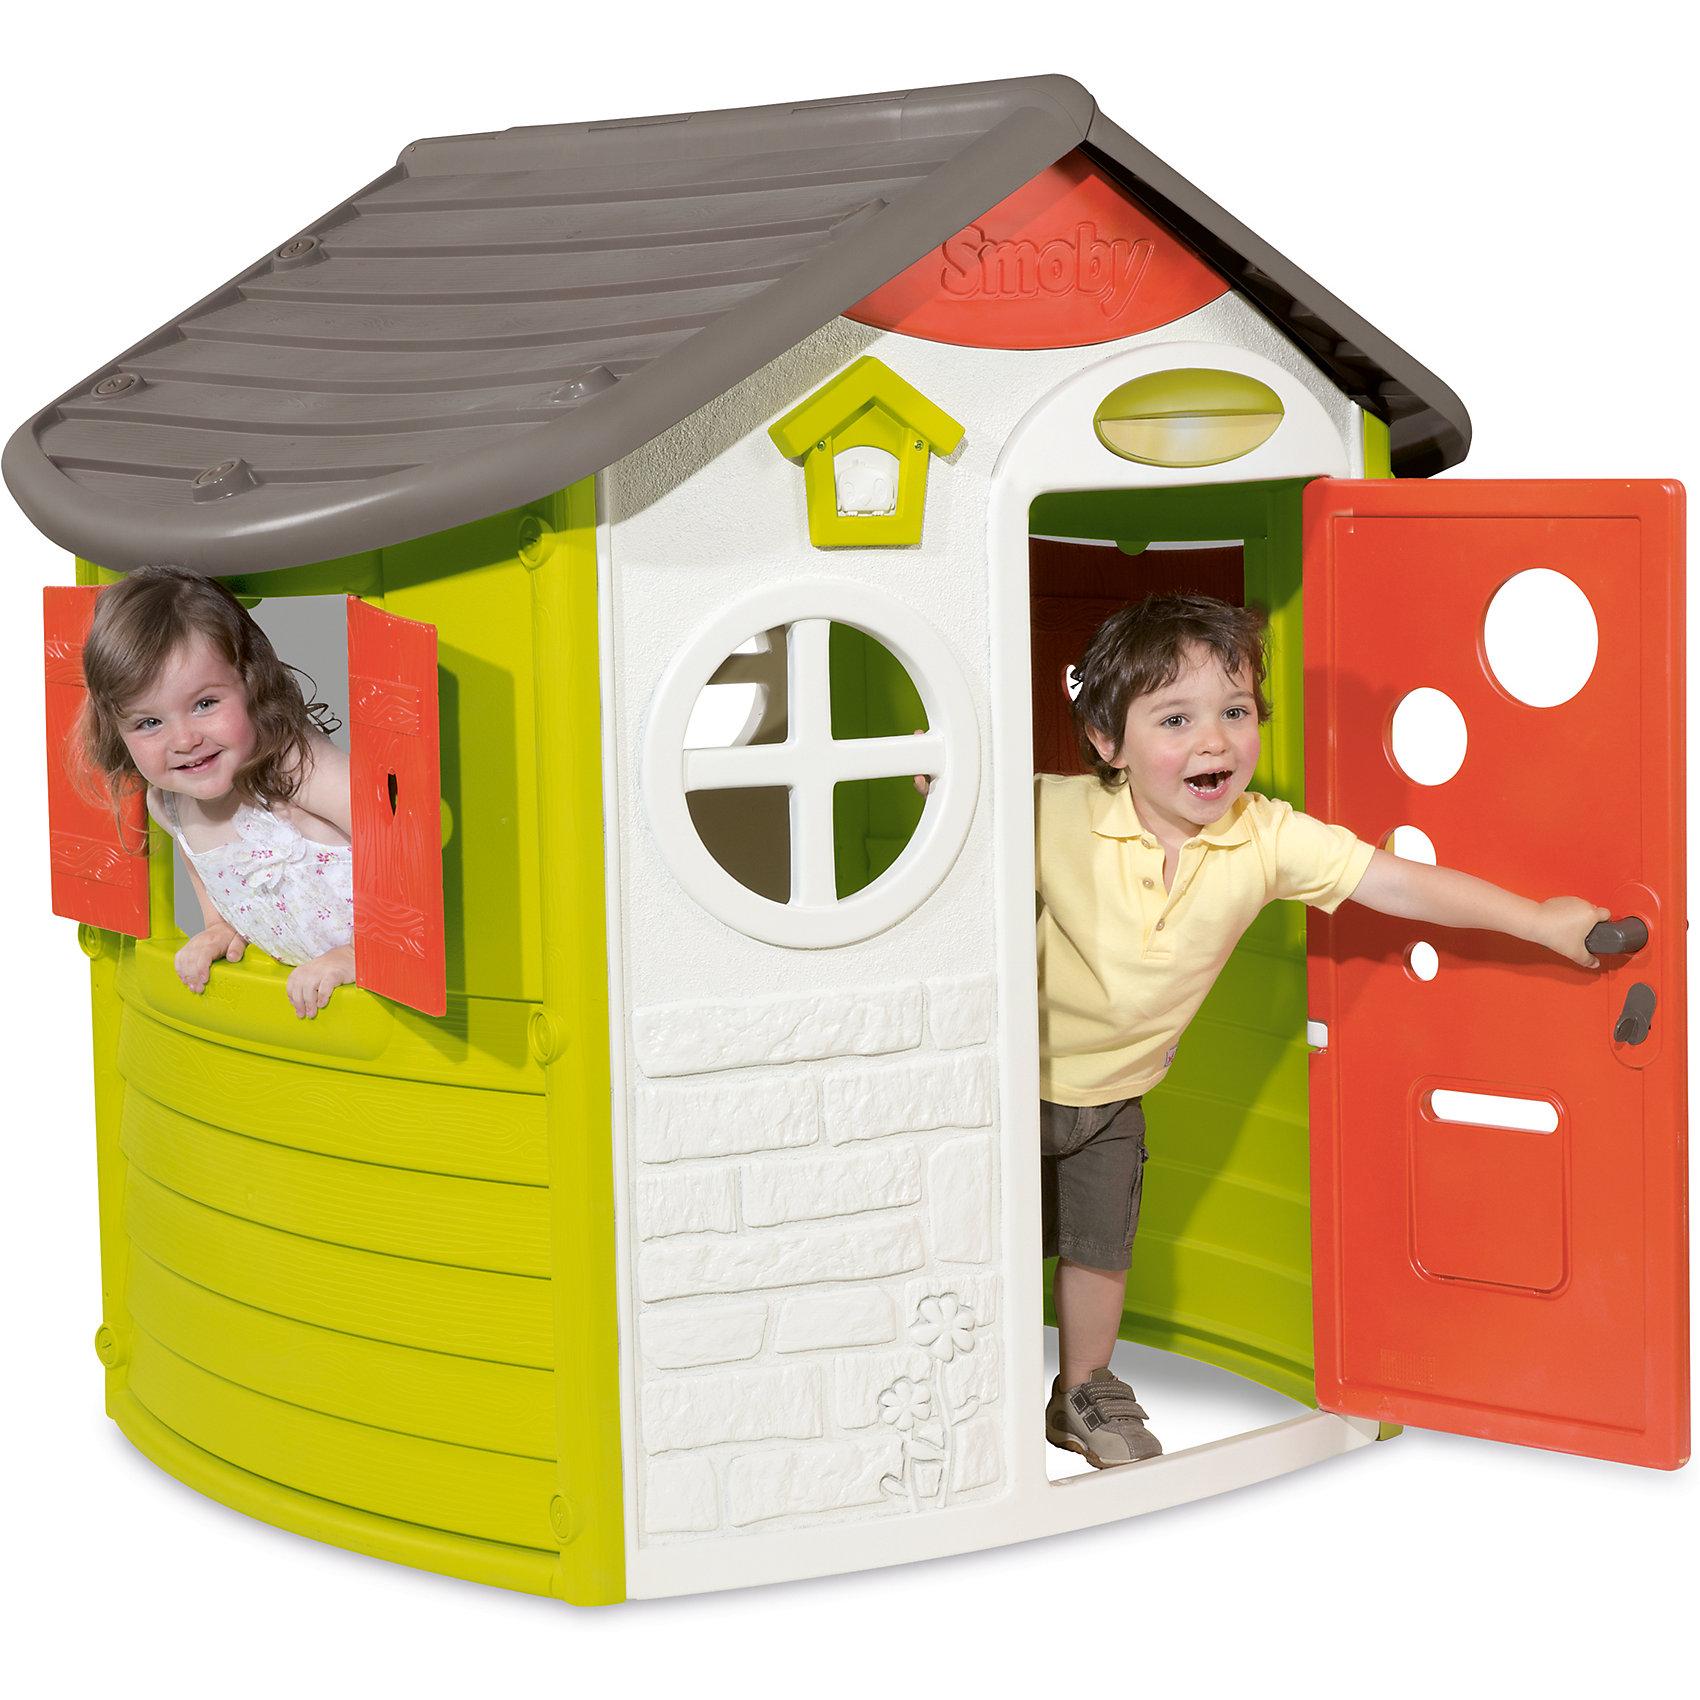 Домик Jura, SmobyДомики и мебель<br>Домик сочетает в себе классический вид и дизайнерские элементы. В домике есть два окна, которые закрываются при помощи ставень, дверь с почтовым боксом и ключом, а также маленькая дверь с обратной стороны. Домик выполнен из высококачественного пластика - не выгорает на солнце и выдерживает морозы до -15 градусов. Возраст: от 2 лет.<br><br>Ширина мм: 983<br>Глубина мм: 1215<br>Высота мм: 300<br>Вес г: 22000<br>Возраст от месяцев: 24<br>Возраст до месяцев: 84<br>Пол: Унисекс<br>Возраст: Детский<br>SKU: 5524068